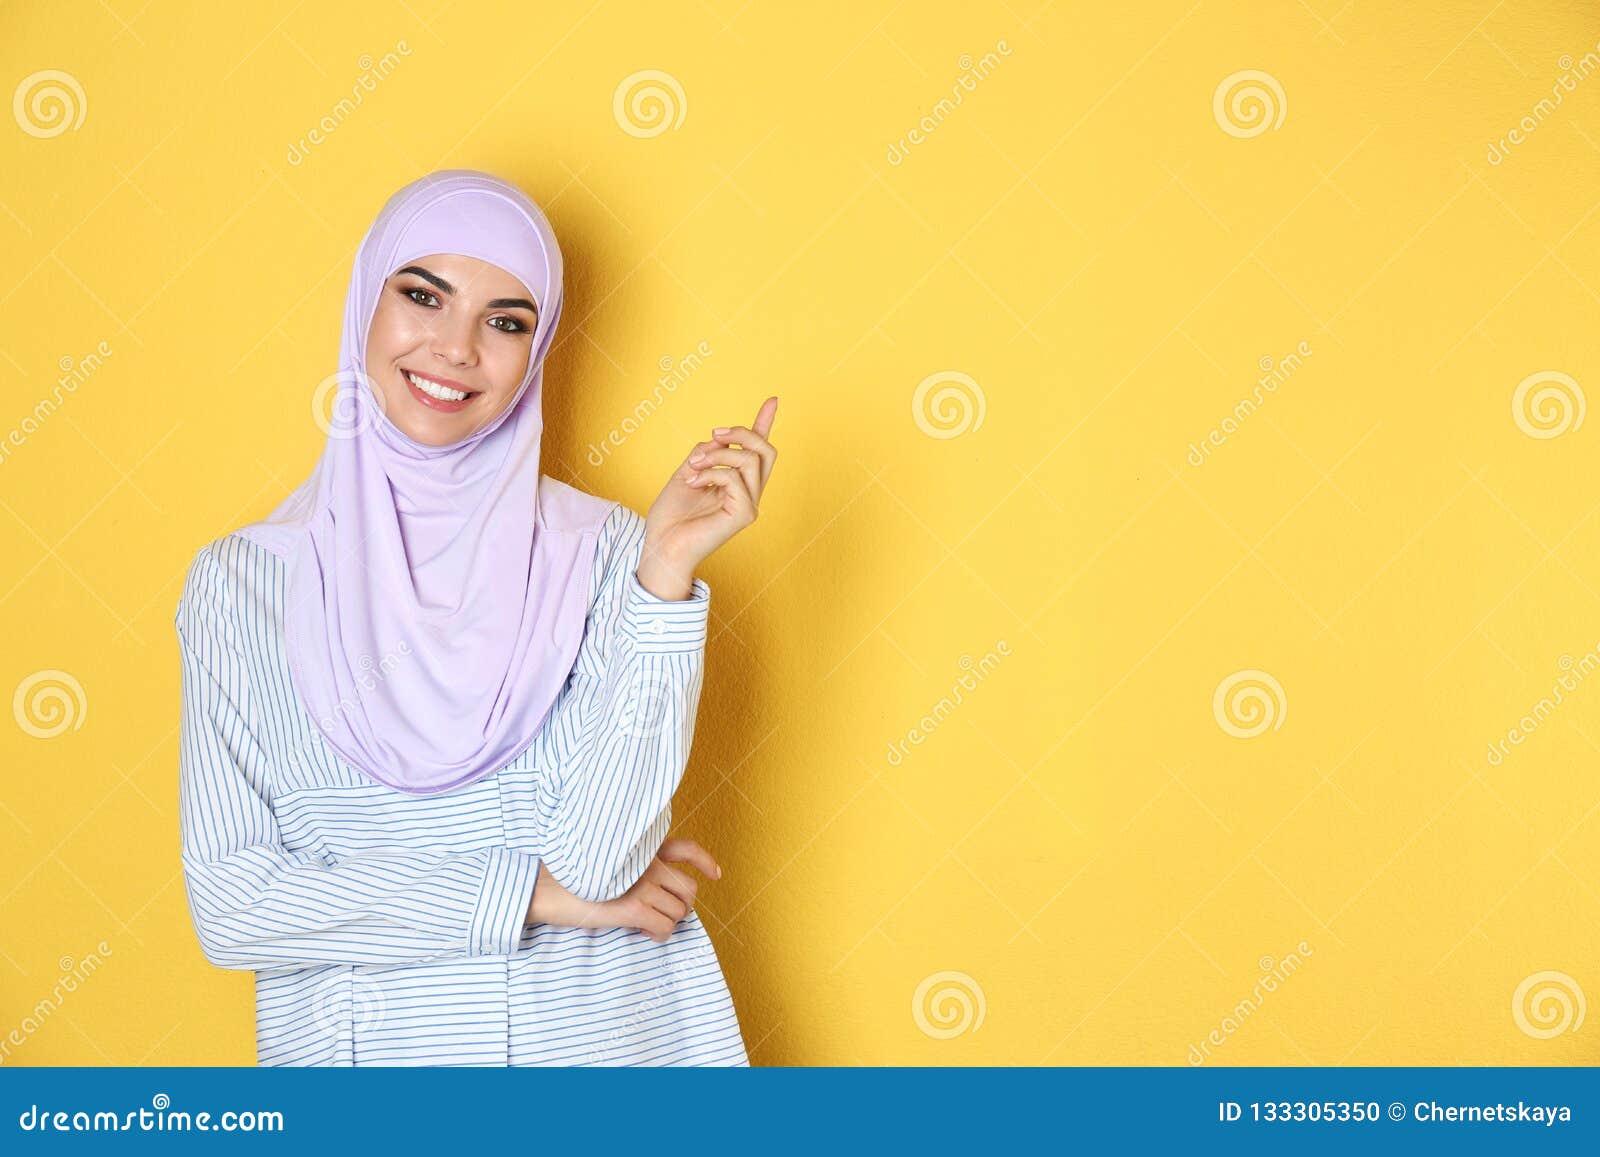 Portret van jonge Moslimvrouw in hijab tegen kleurenachtergrond